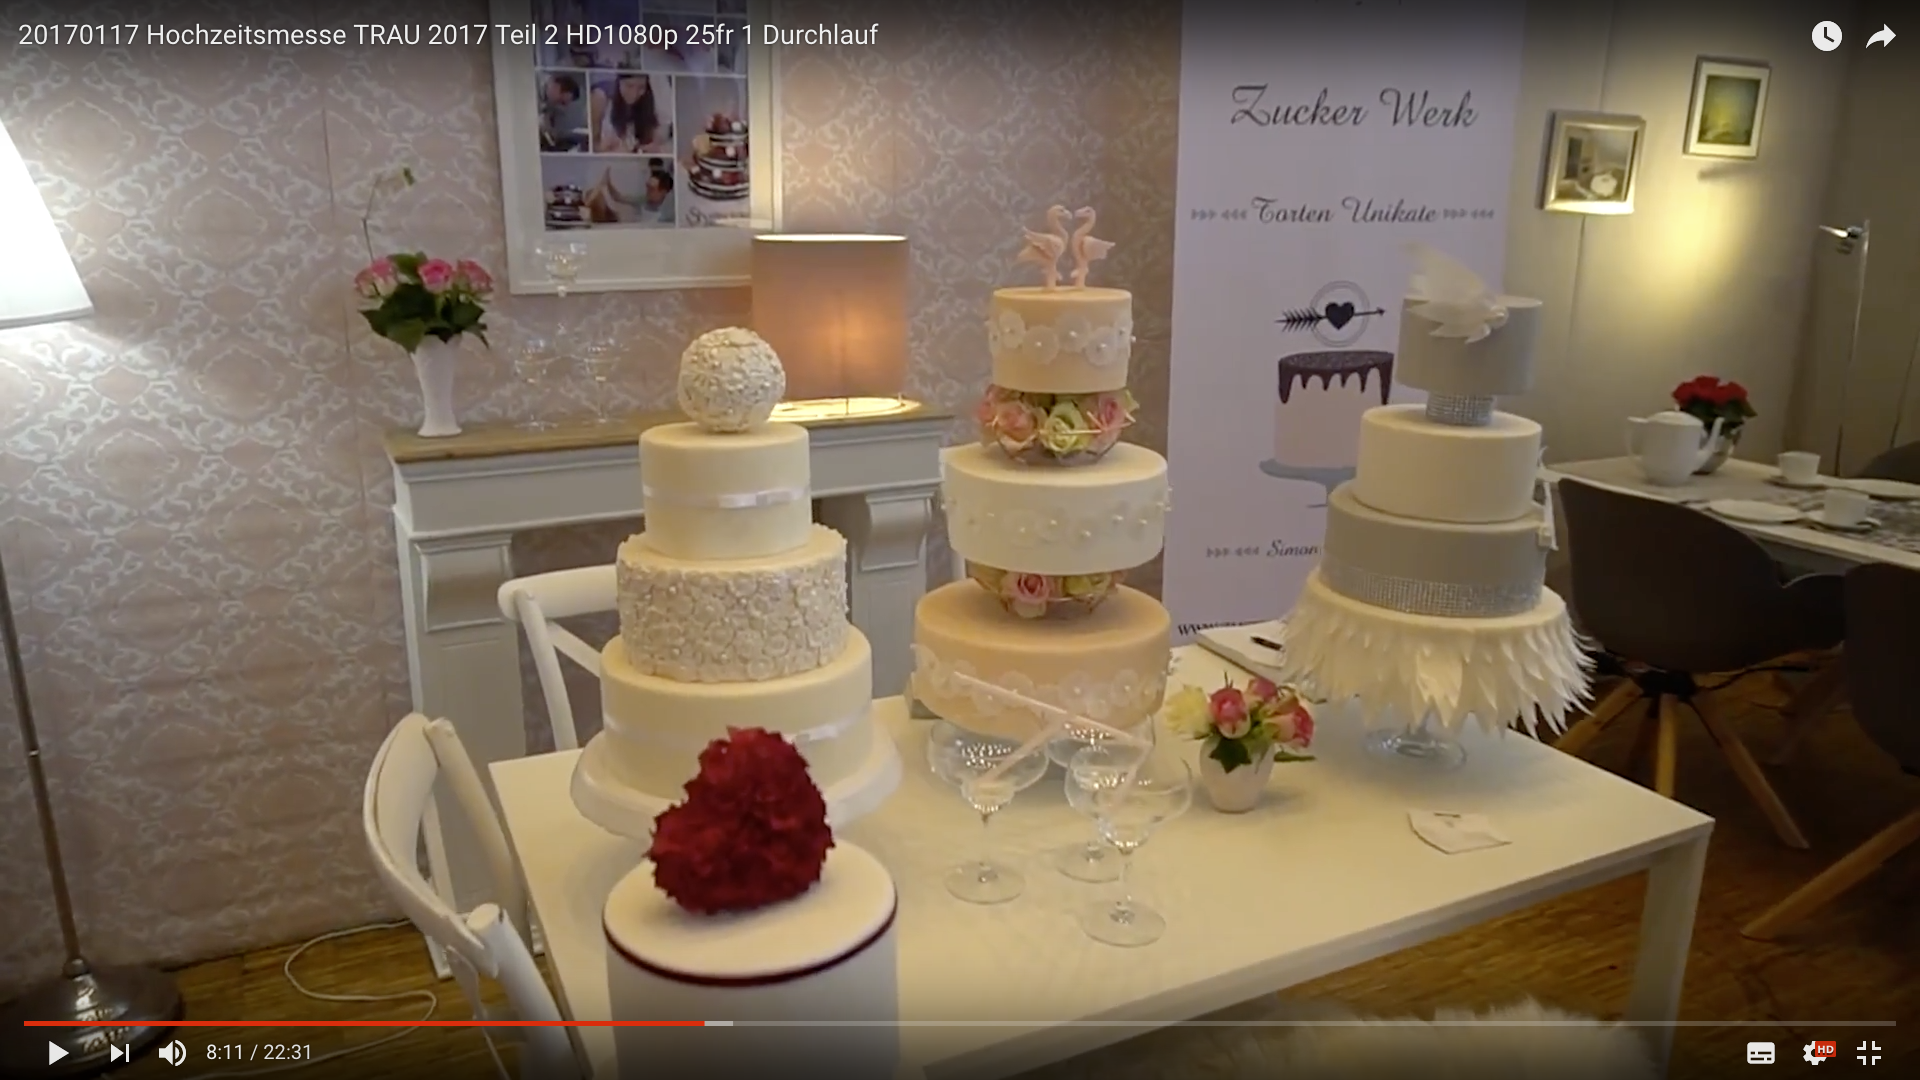 2017 Hochzeitsmesse TRAU Torten_MSM_MEDIEN_SAAR_MOSEL_SAARLAND_FERNSEHEN_1_ED_SAAR